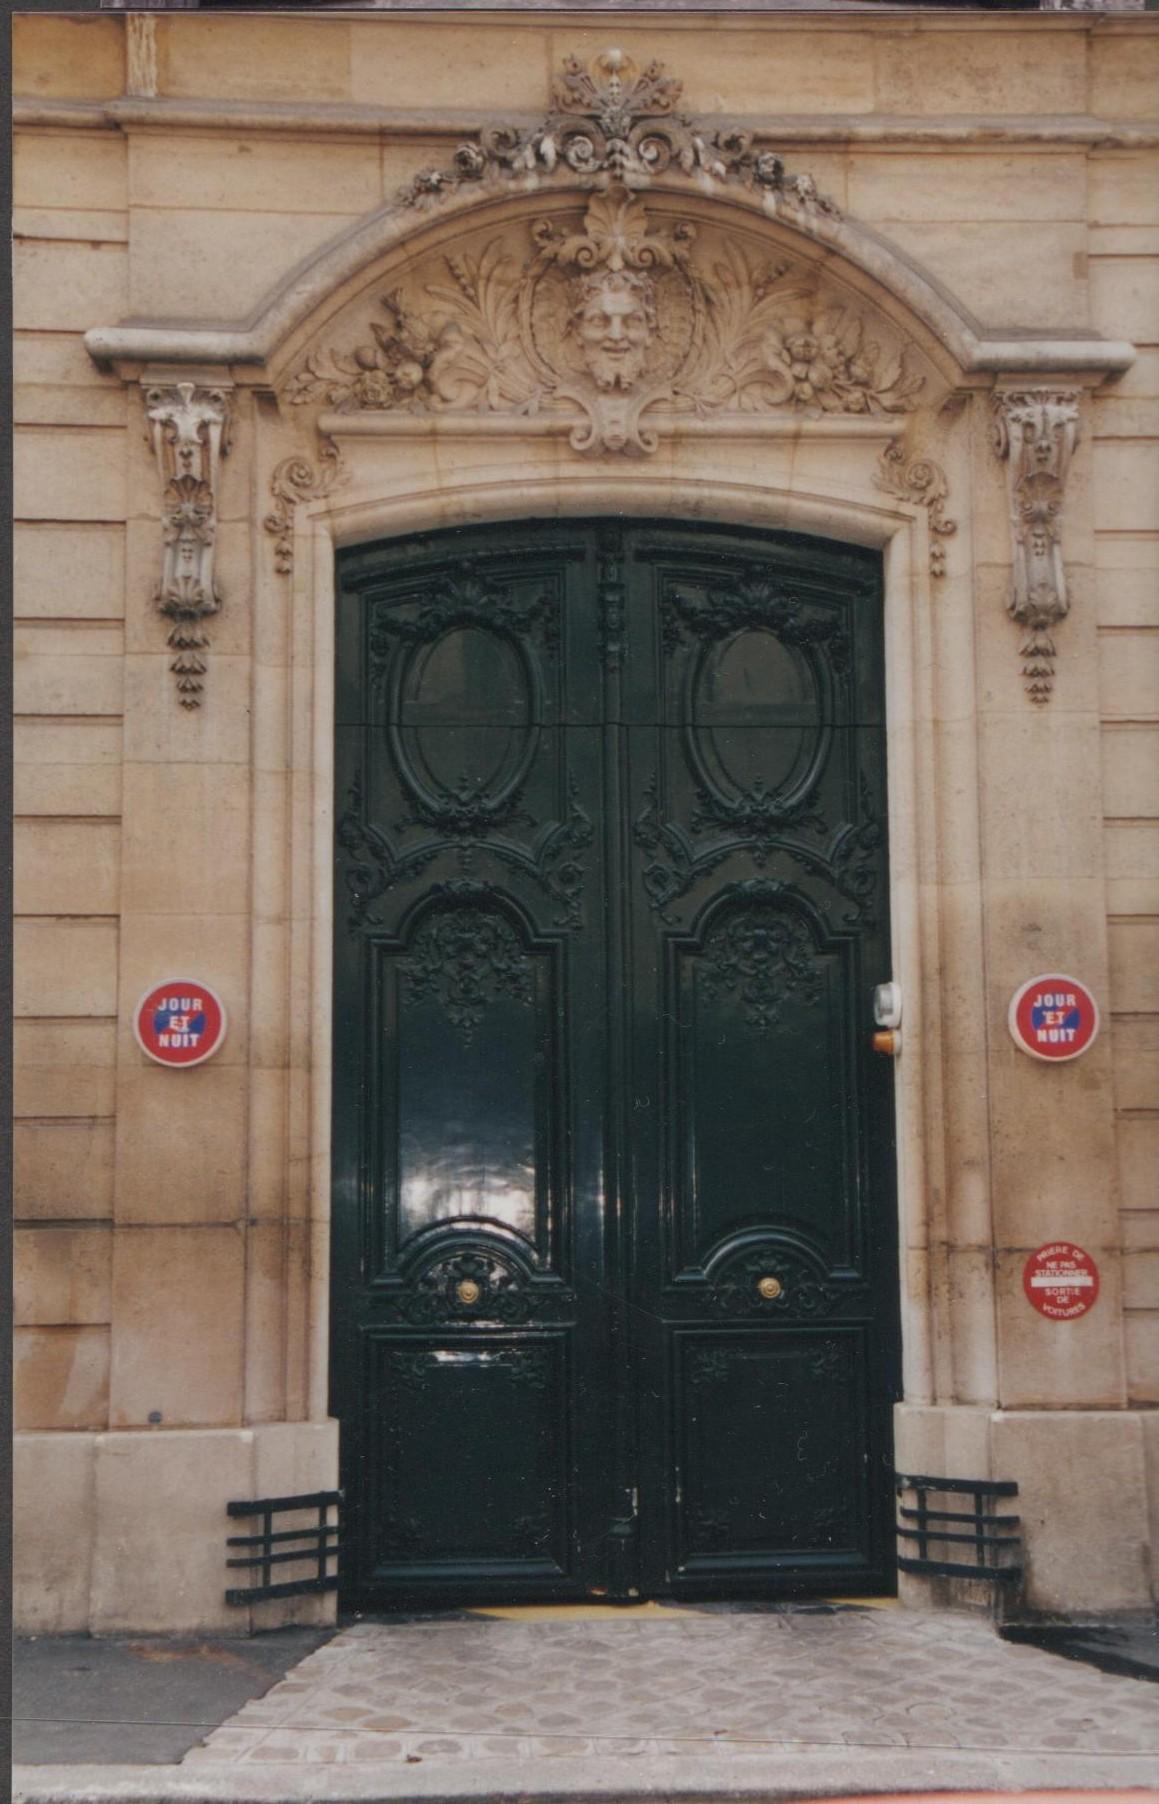 paris door, european door, french architecture, paris architecture